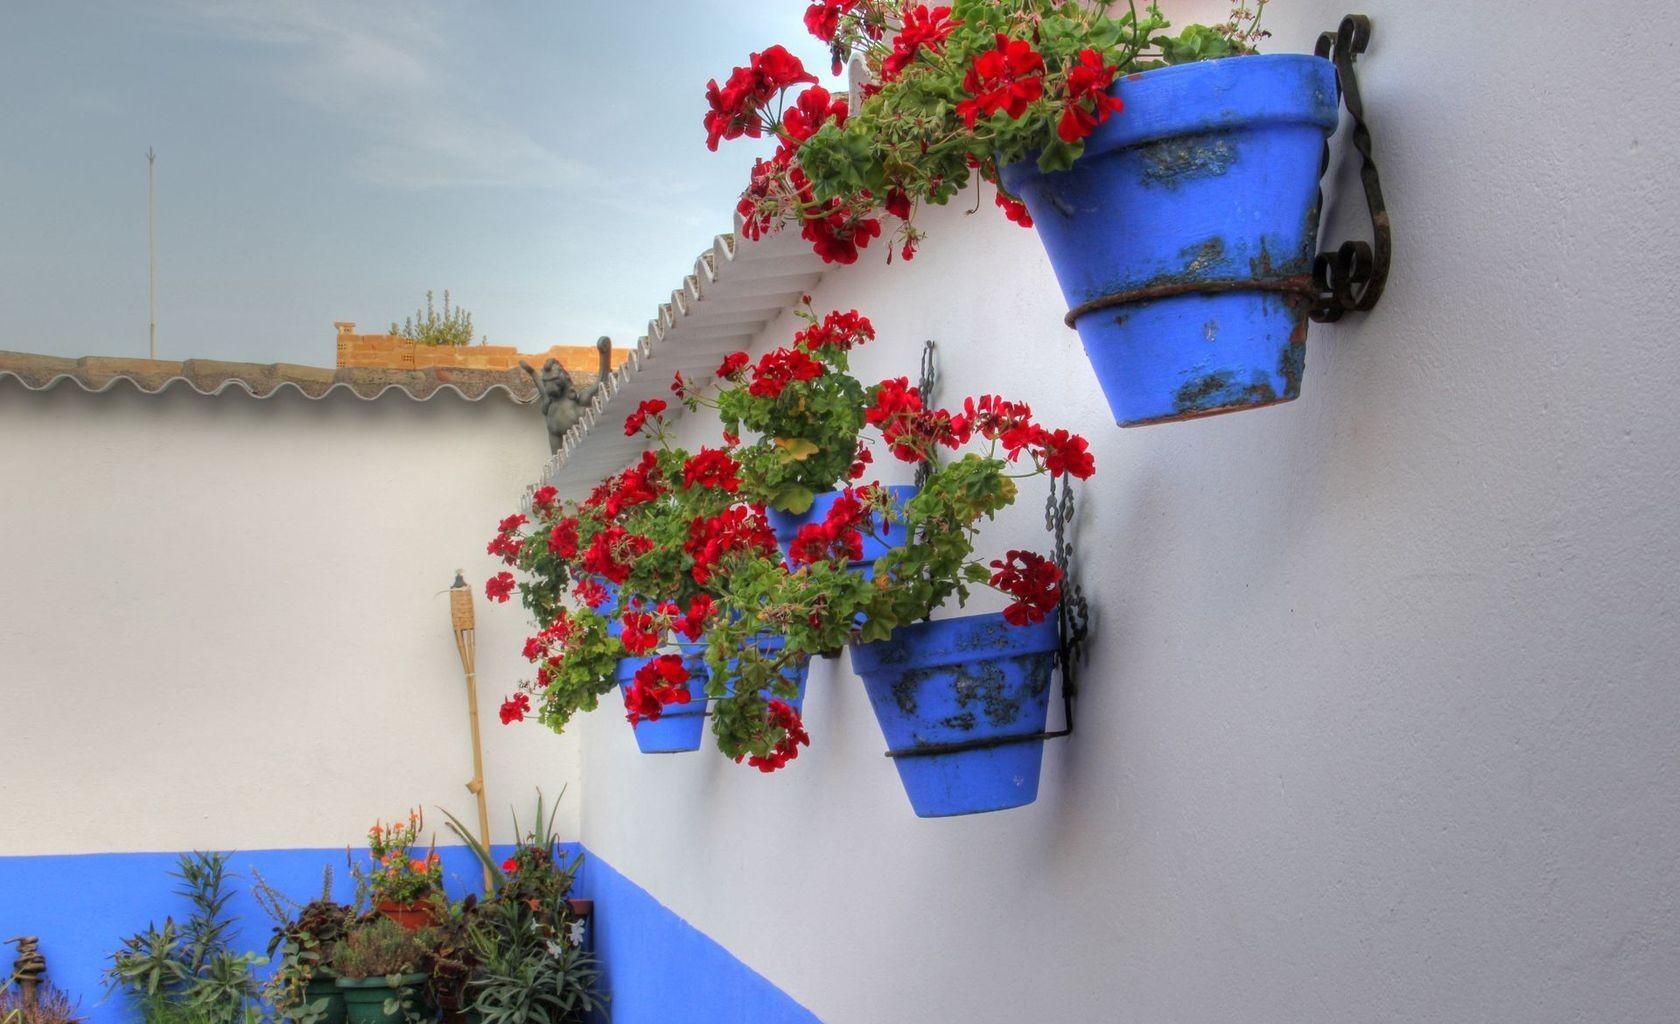 Цветы в горшках на стену фото